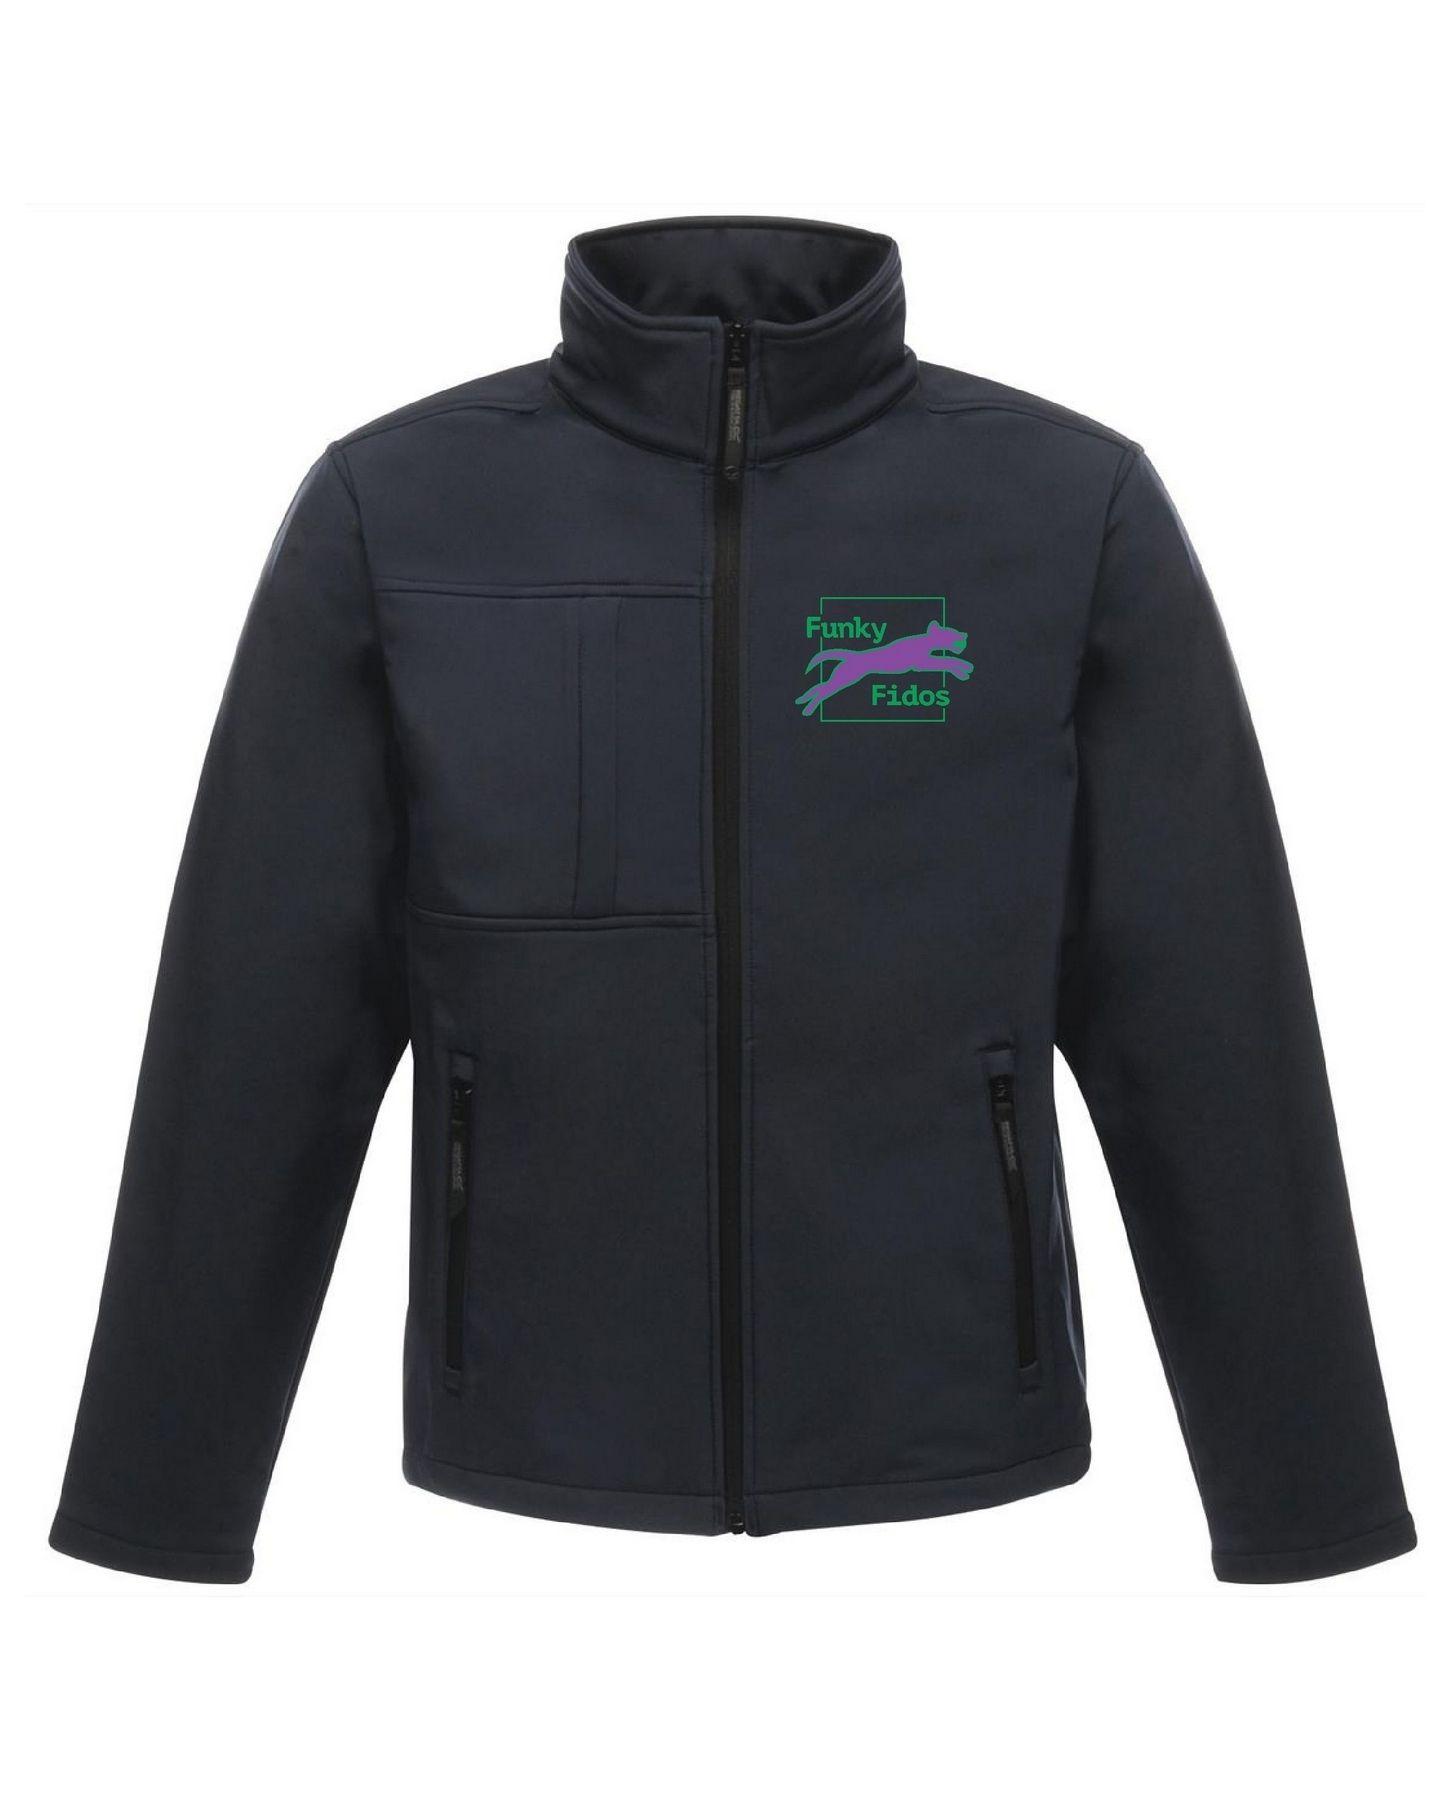 Funky Fidos – Softshell Jacket Unisex (Navy)